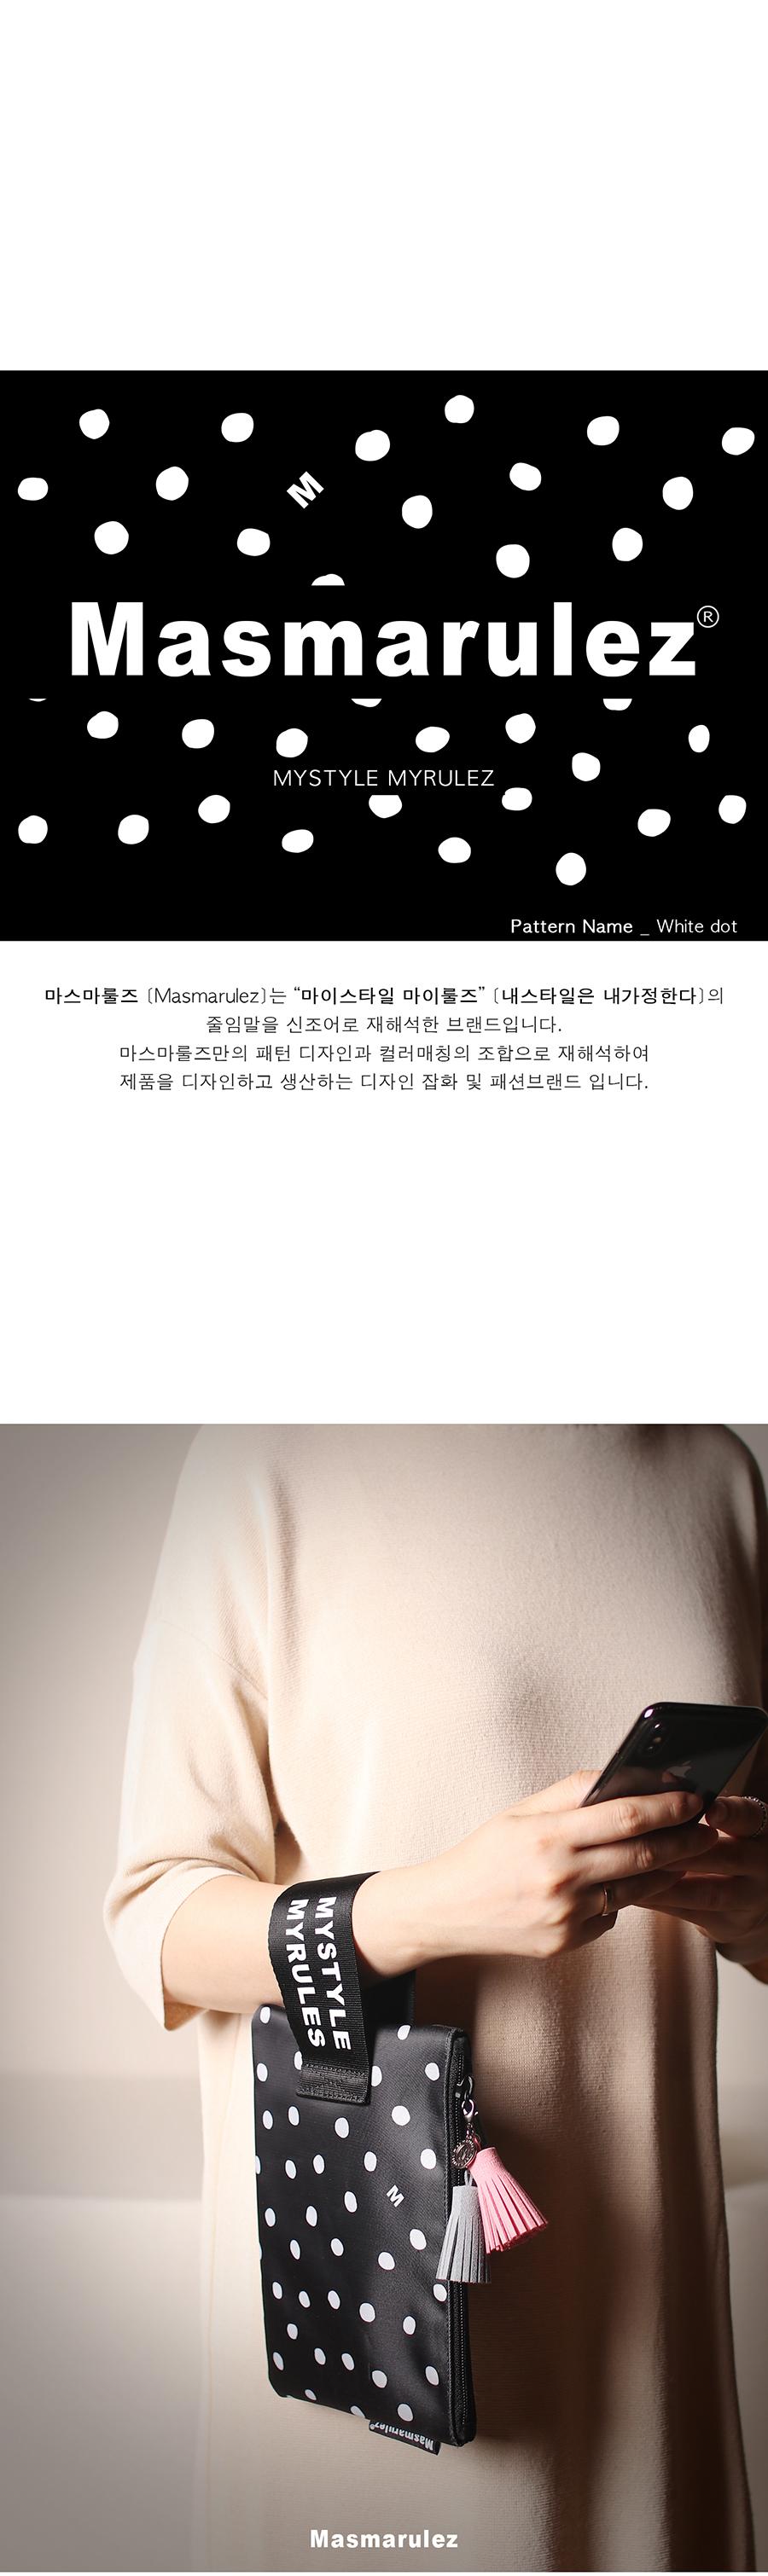 white-dot-m900-1.jpg